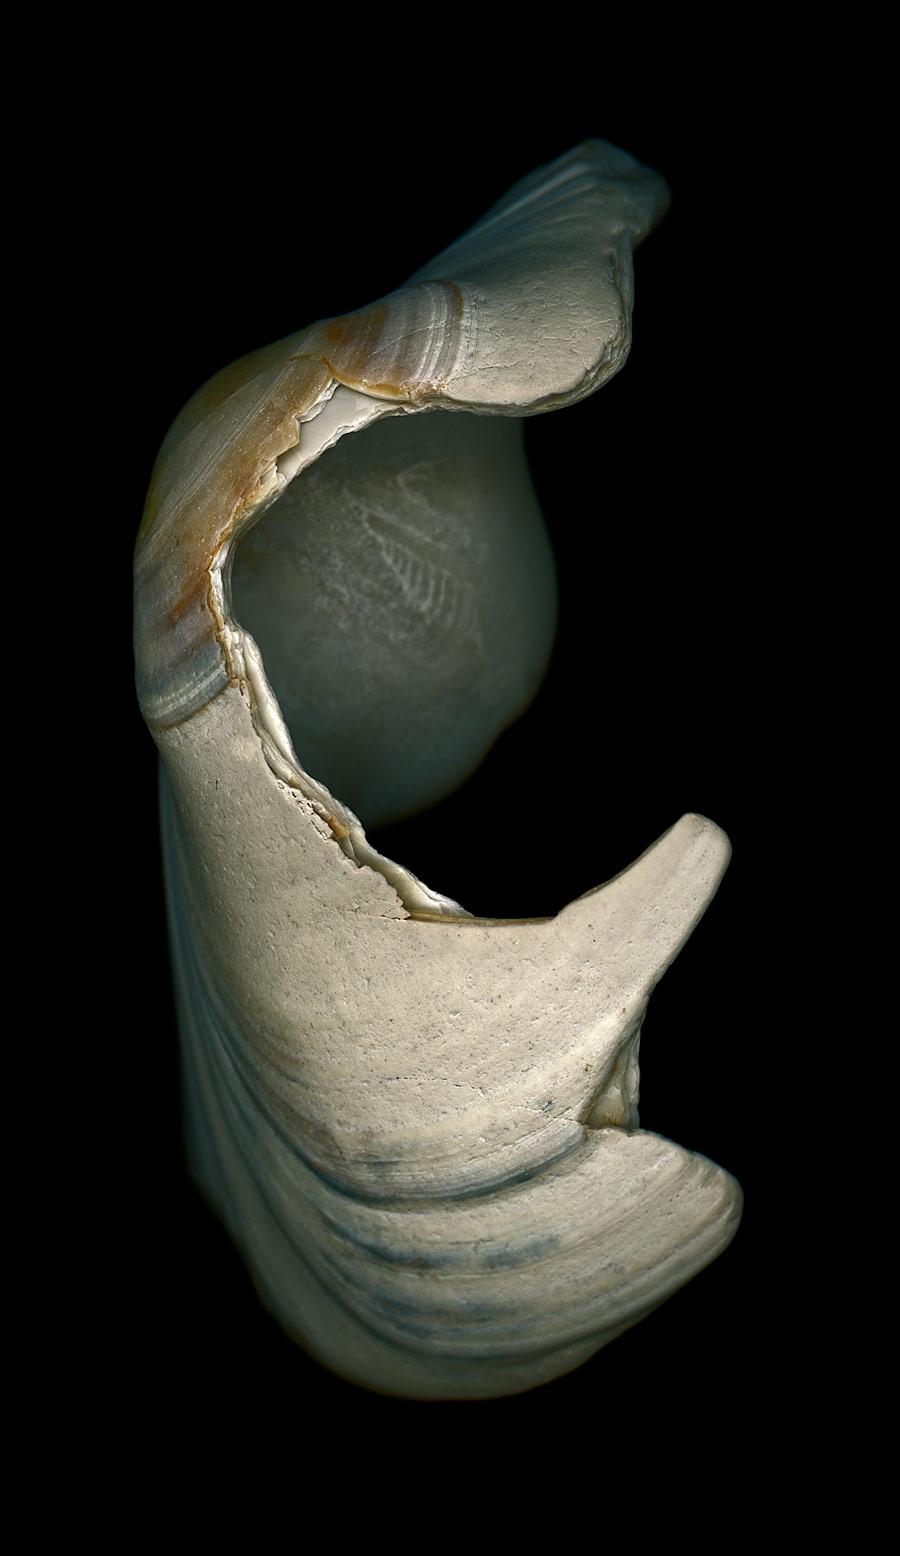 shell033.jpg